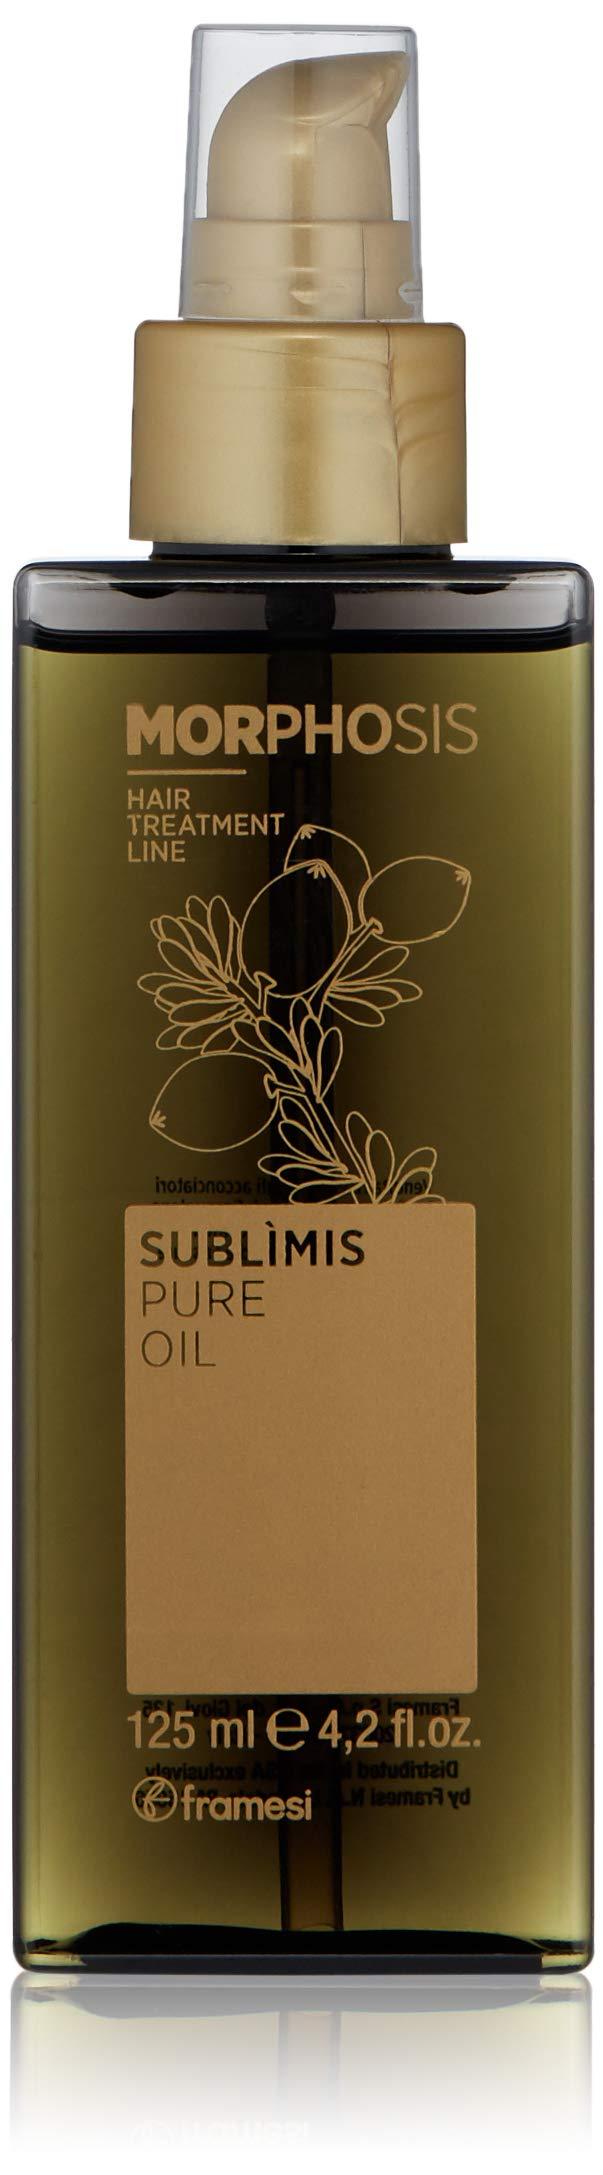 Framesi Morphosis Sublimis Pure Oil - 4.2 Ounce, Color Safe Argan Oil for Hair, Protective Argan Oil for Dry Hair, Hair Treatment, Vegan, Gluten Free, Cruelty Free